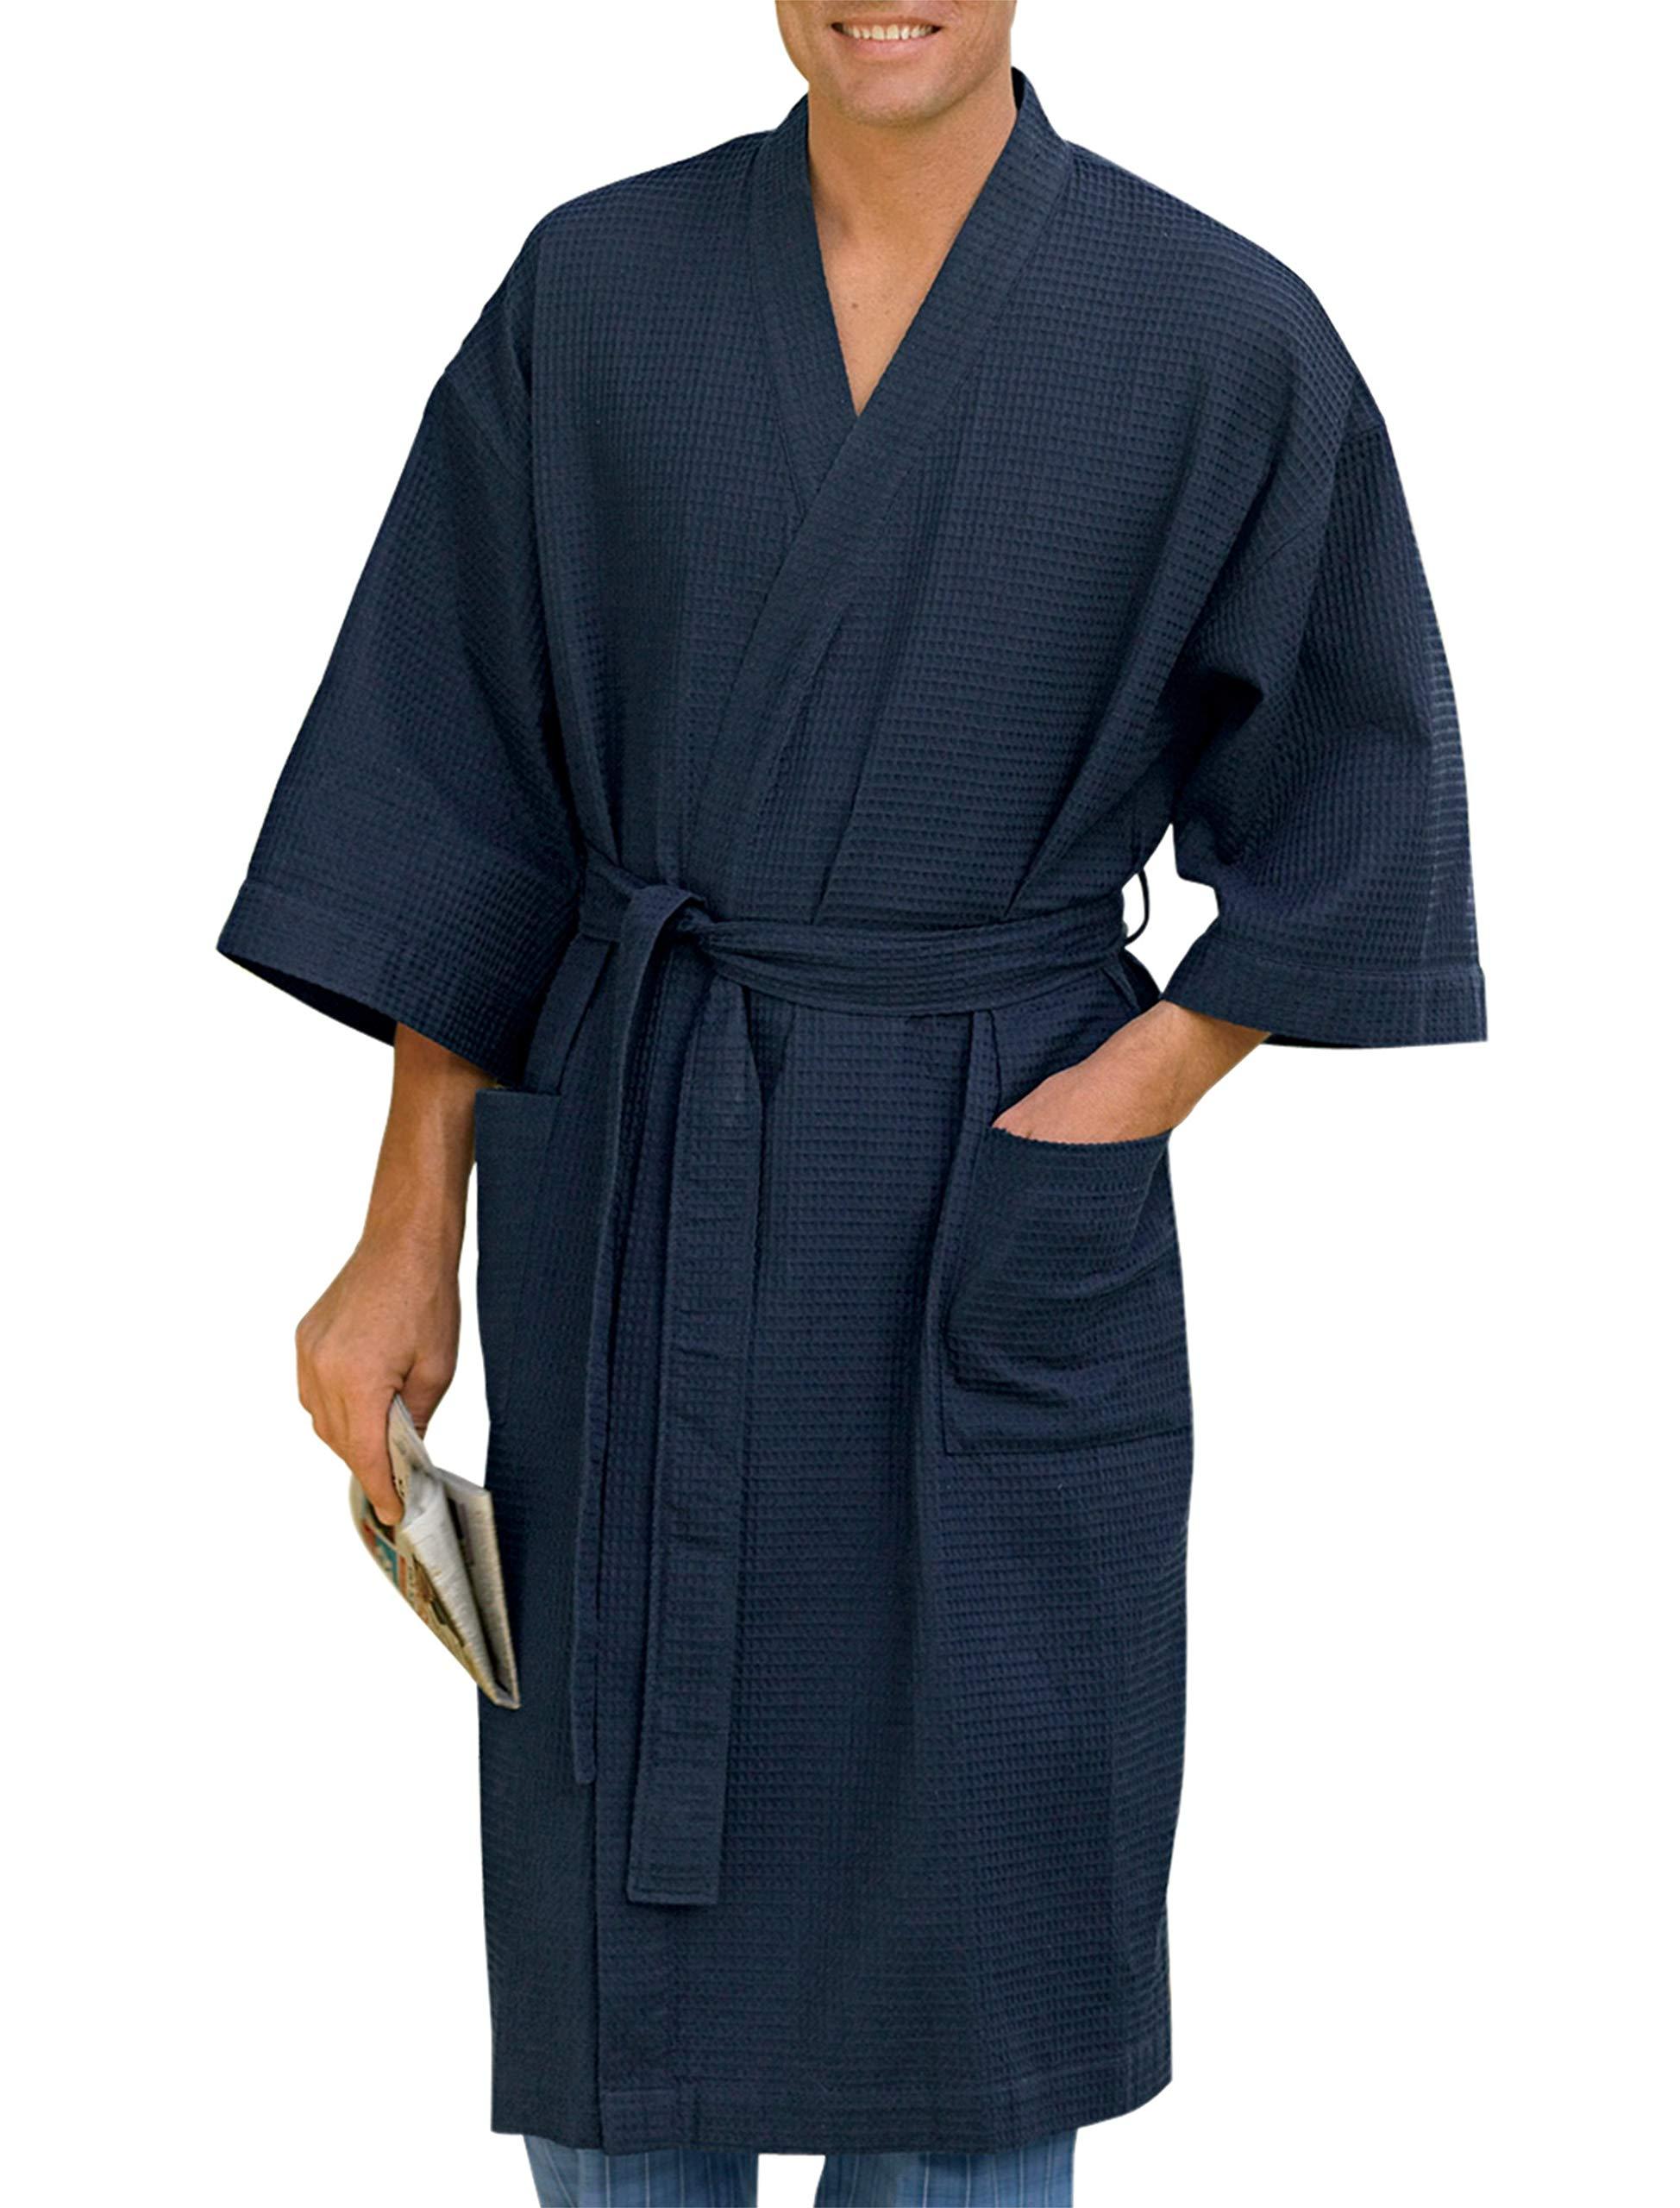 Harbor Bay by DXL Big and Tall Waffle-Knit Kimono Robe (5X/6X, Navy)